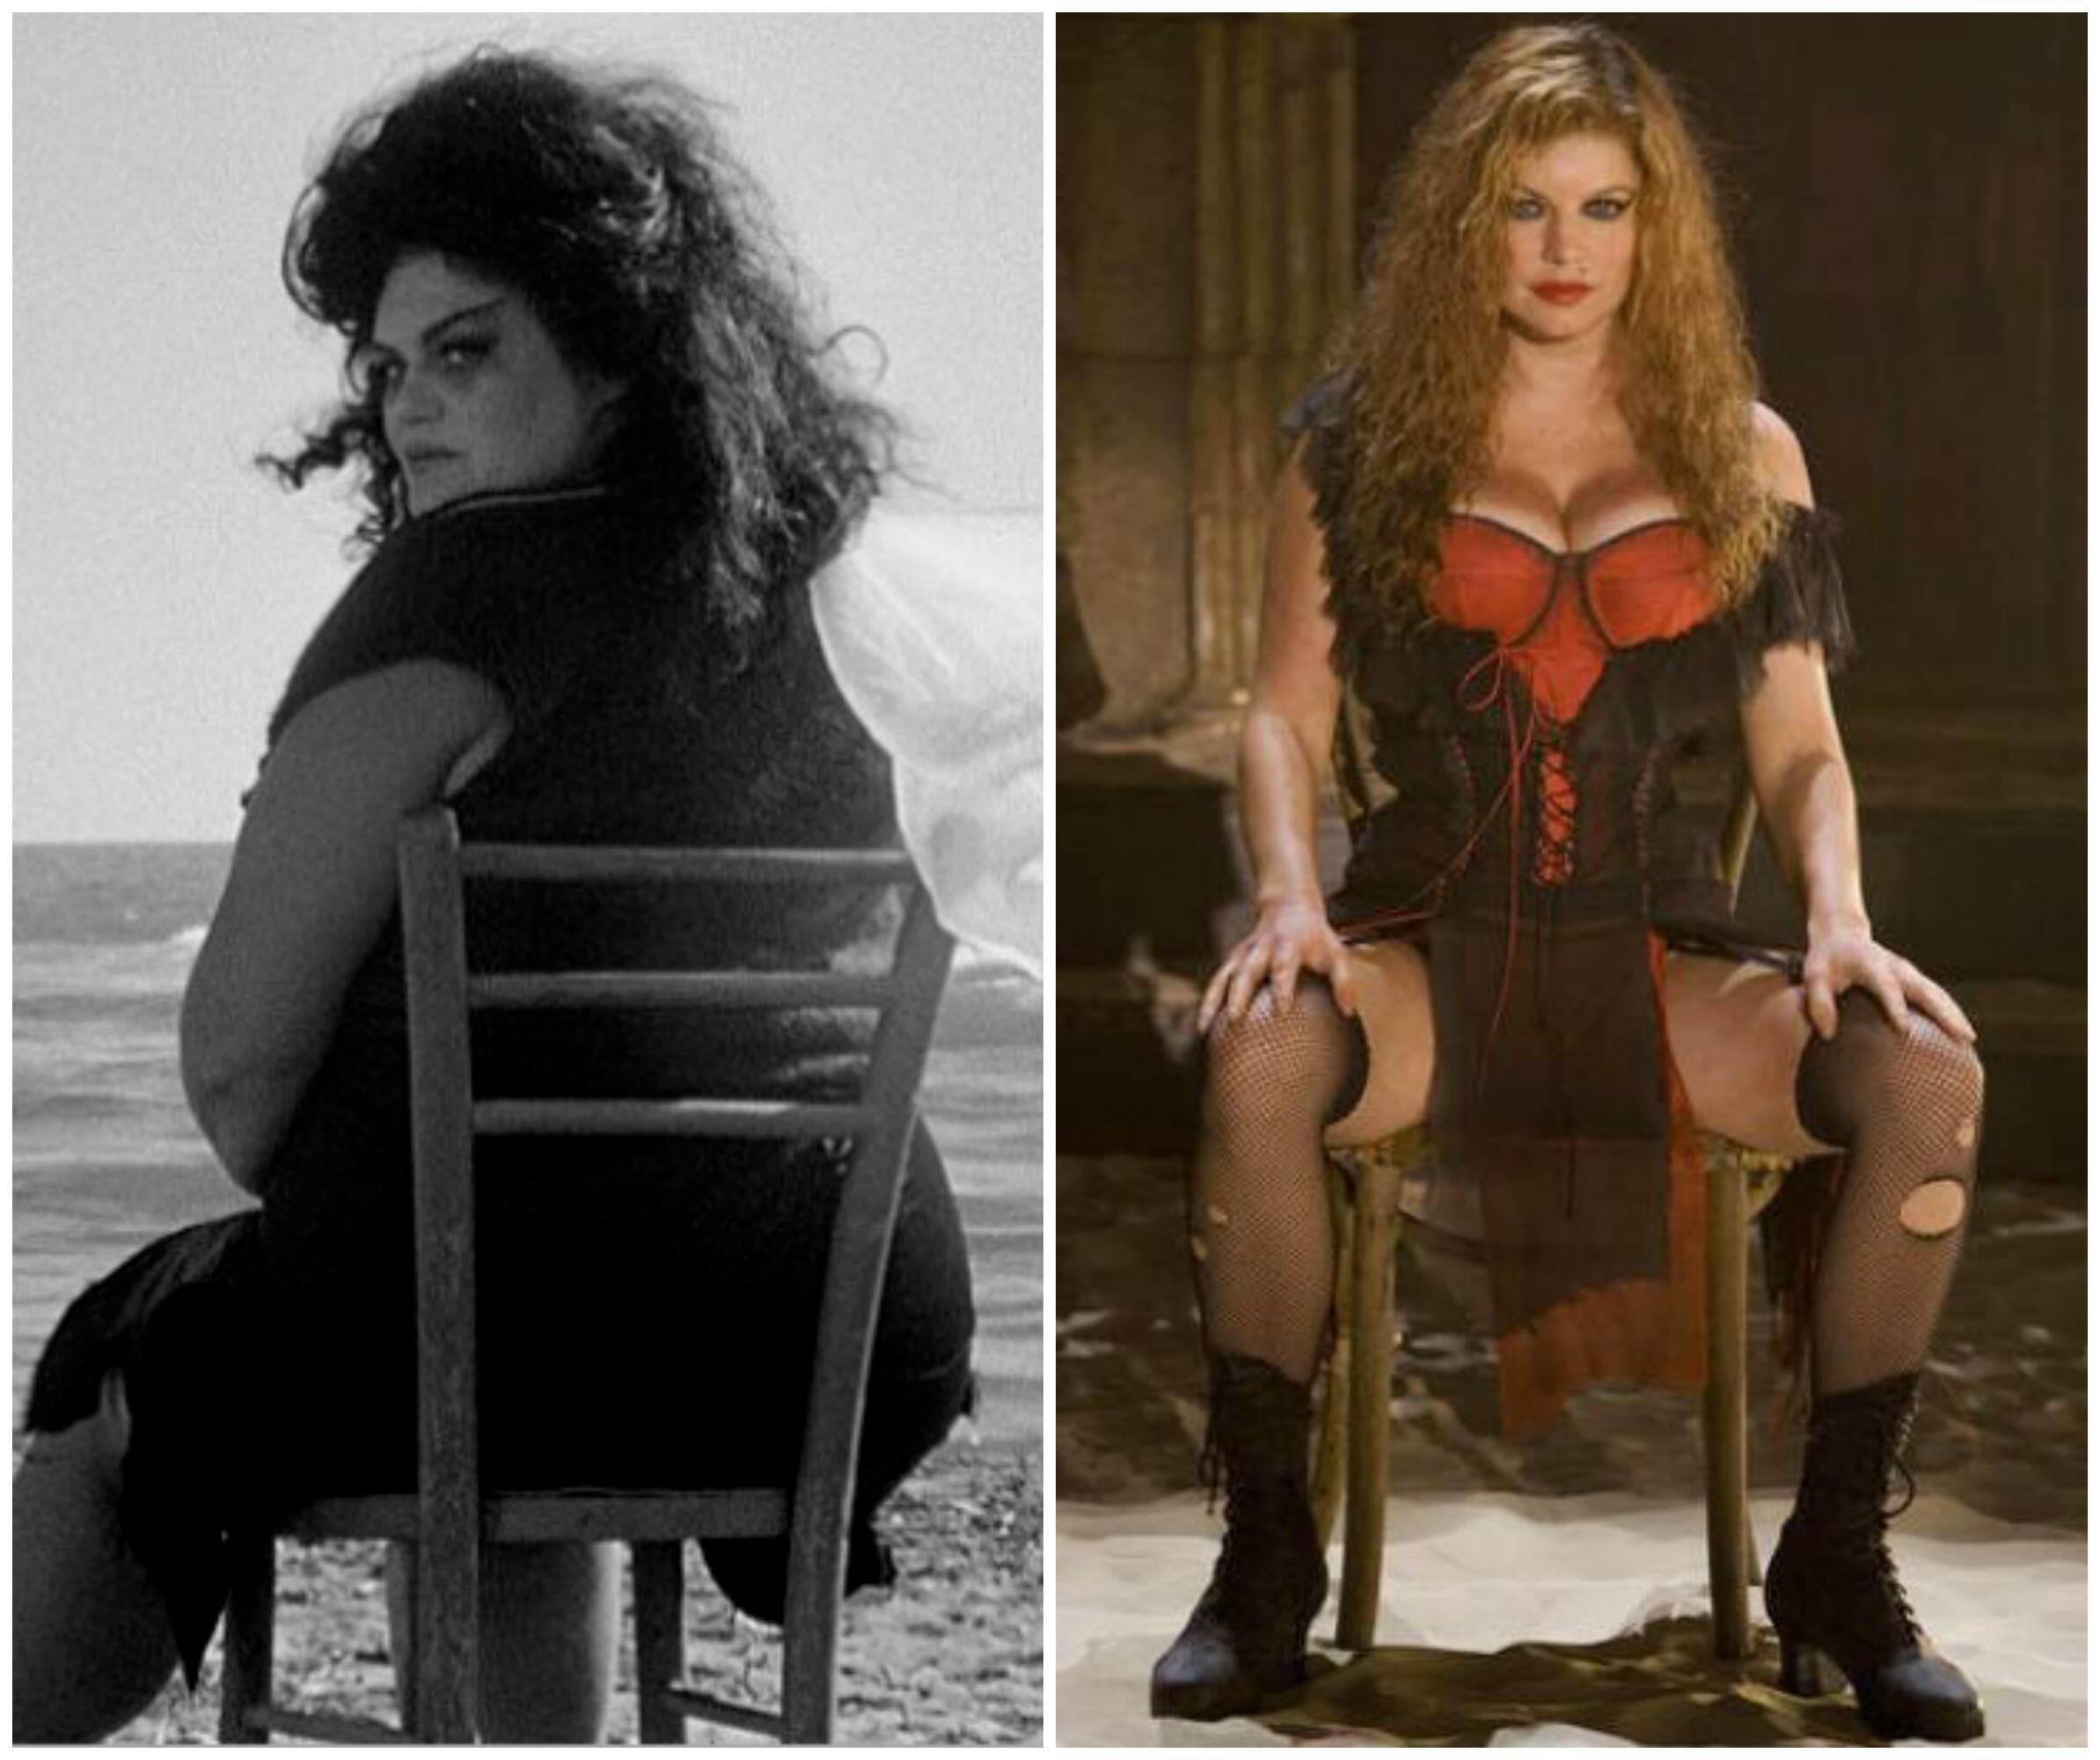 Myra Ruiz, no alto, na versão de Nine por Möeller e Botelho; à esquerda, acima, a atriz escolhida por Fellini, Eddra Gale; ao lado, a cantora Fergie na versão para o cinema de Rob Marshall / Fotos: divulgação e reprodução da internet